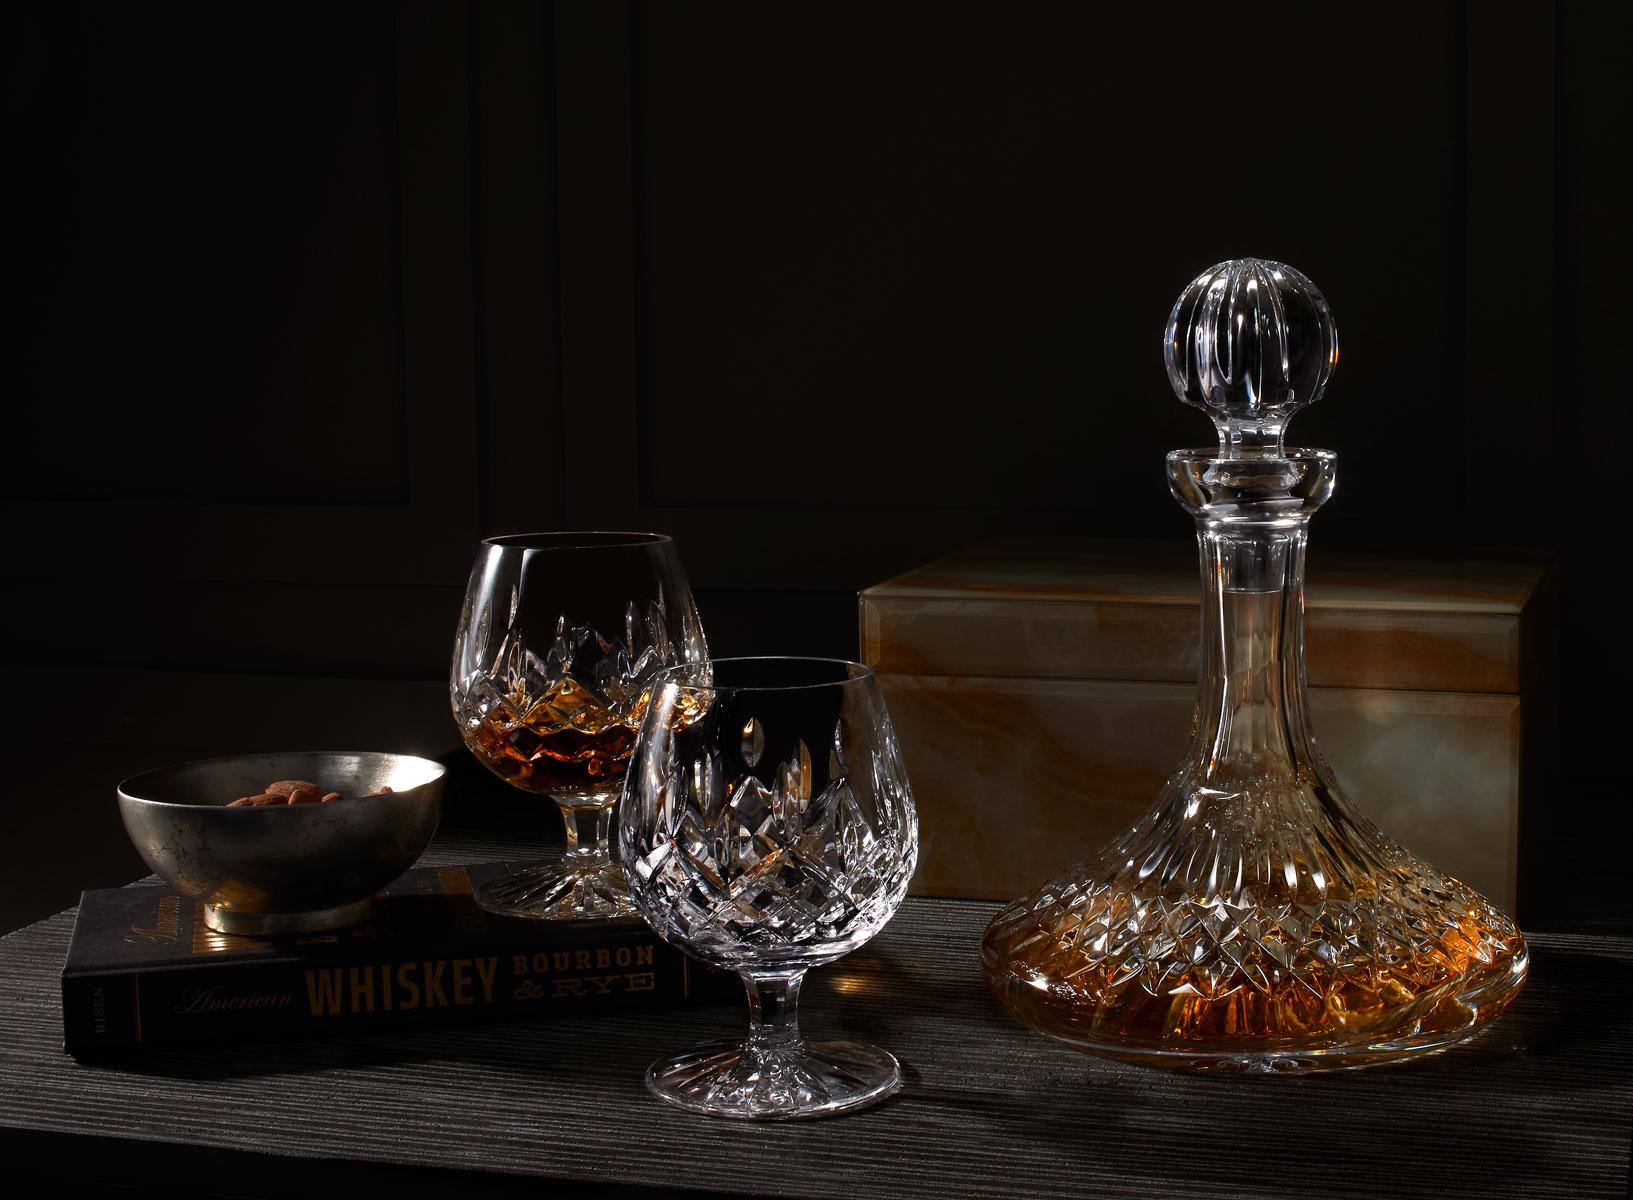 Хрустальный графин с виски